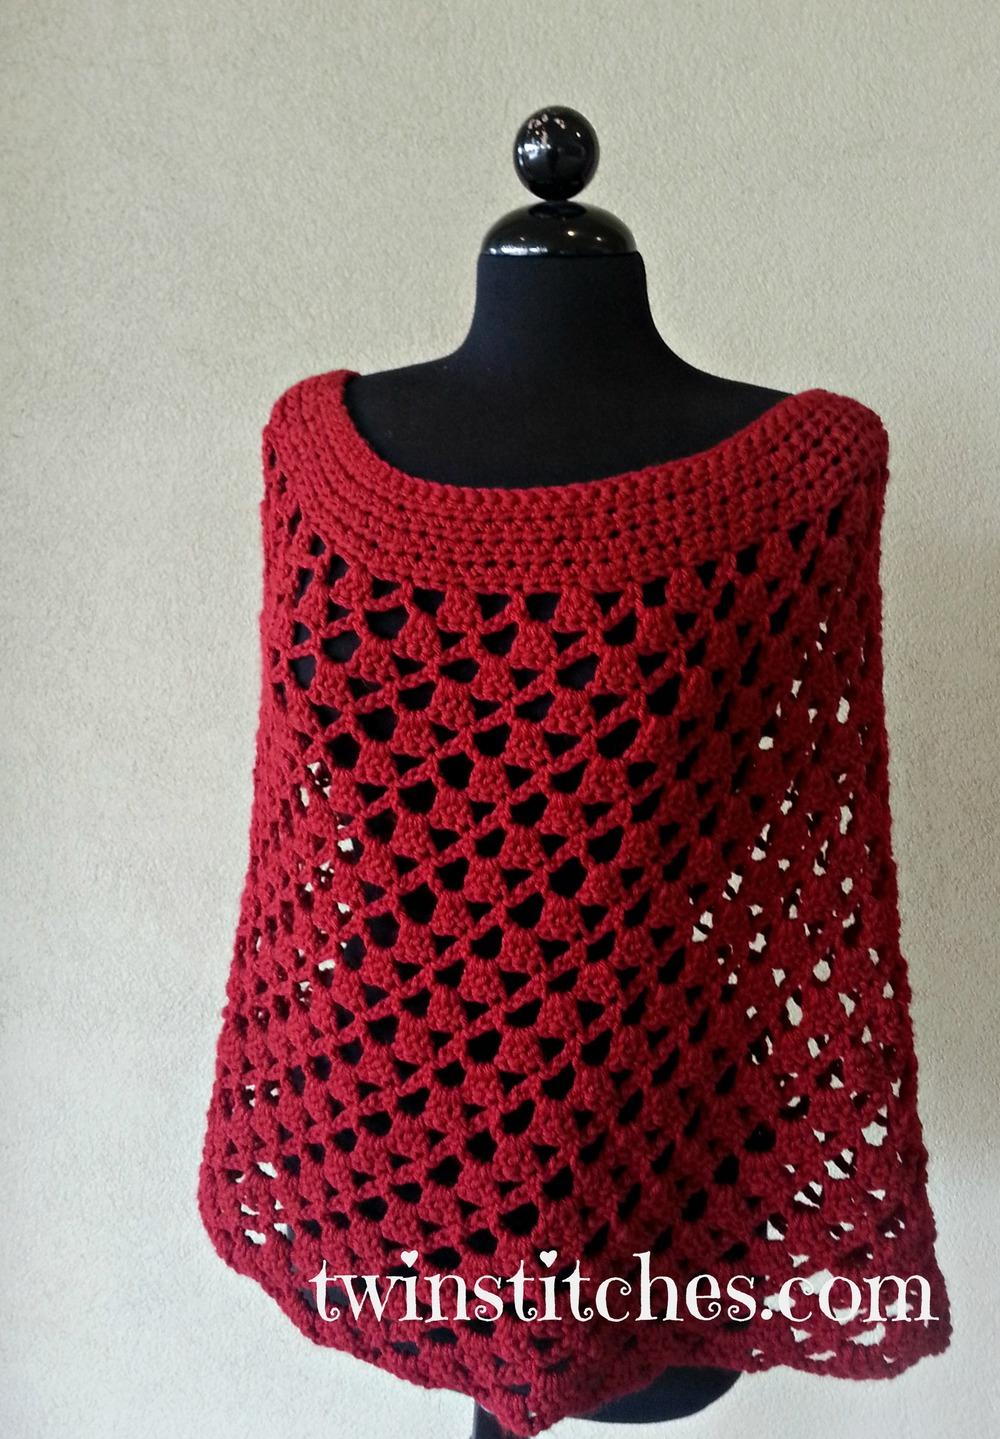 crochet poncho pattern scarlett spiral crochet poncho xoqbukp